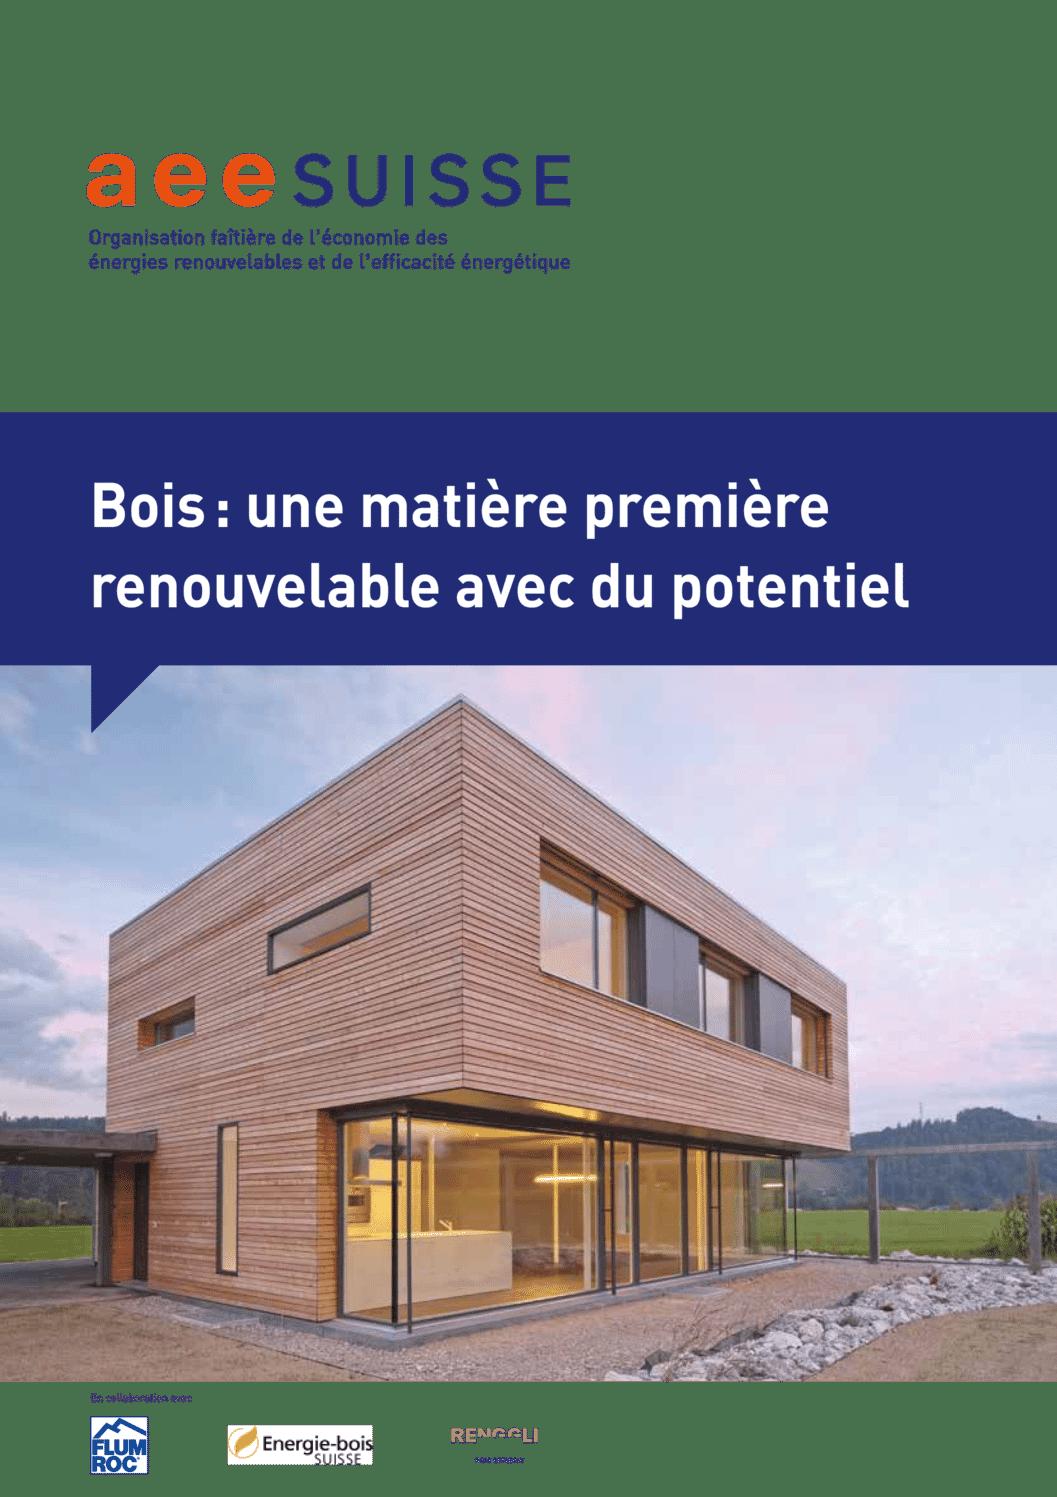 aee suisse Brochure Bois